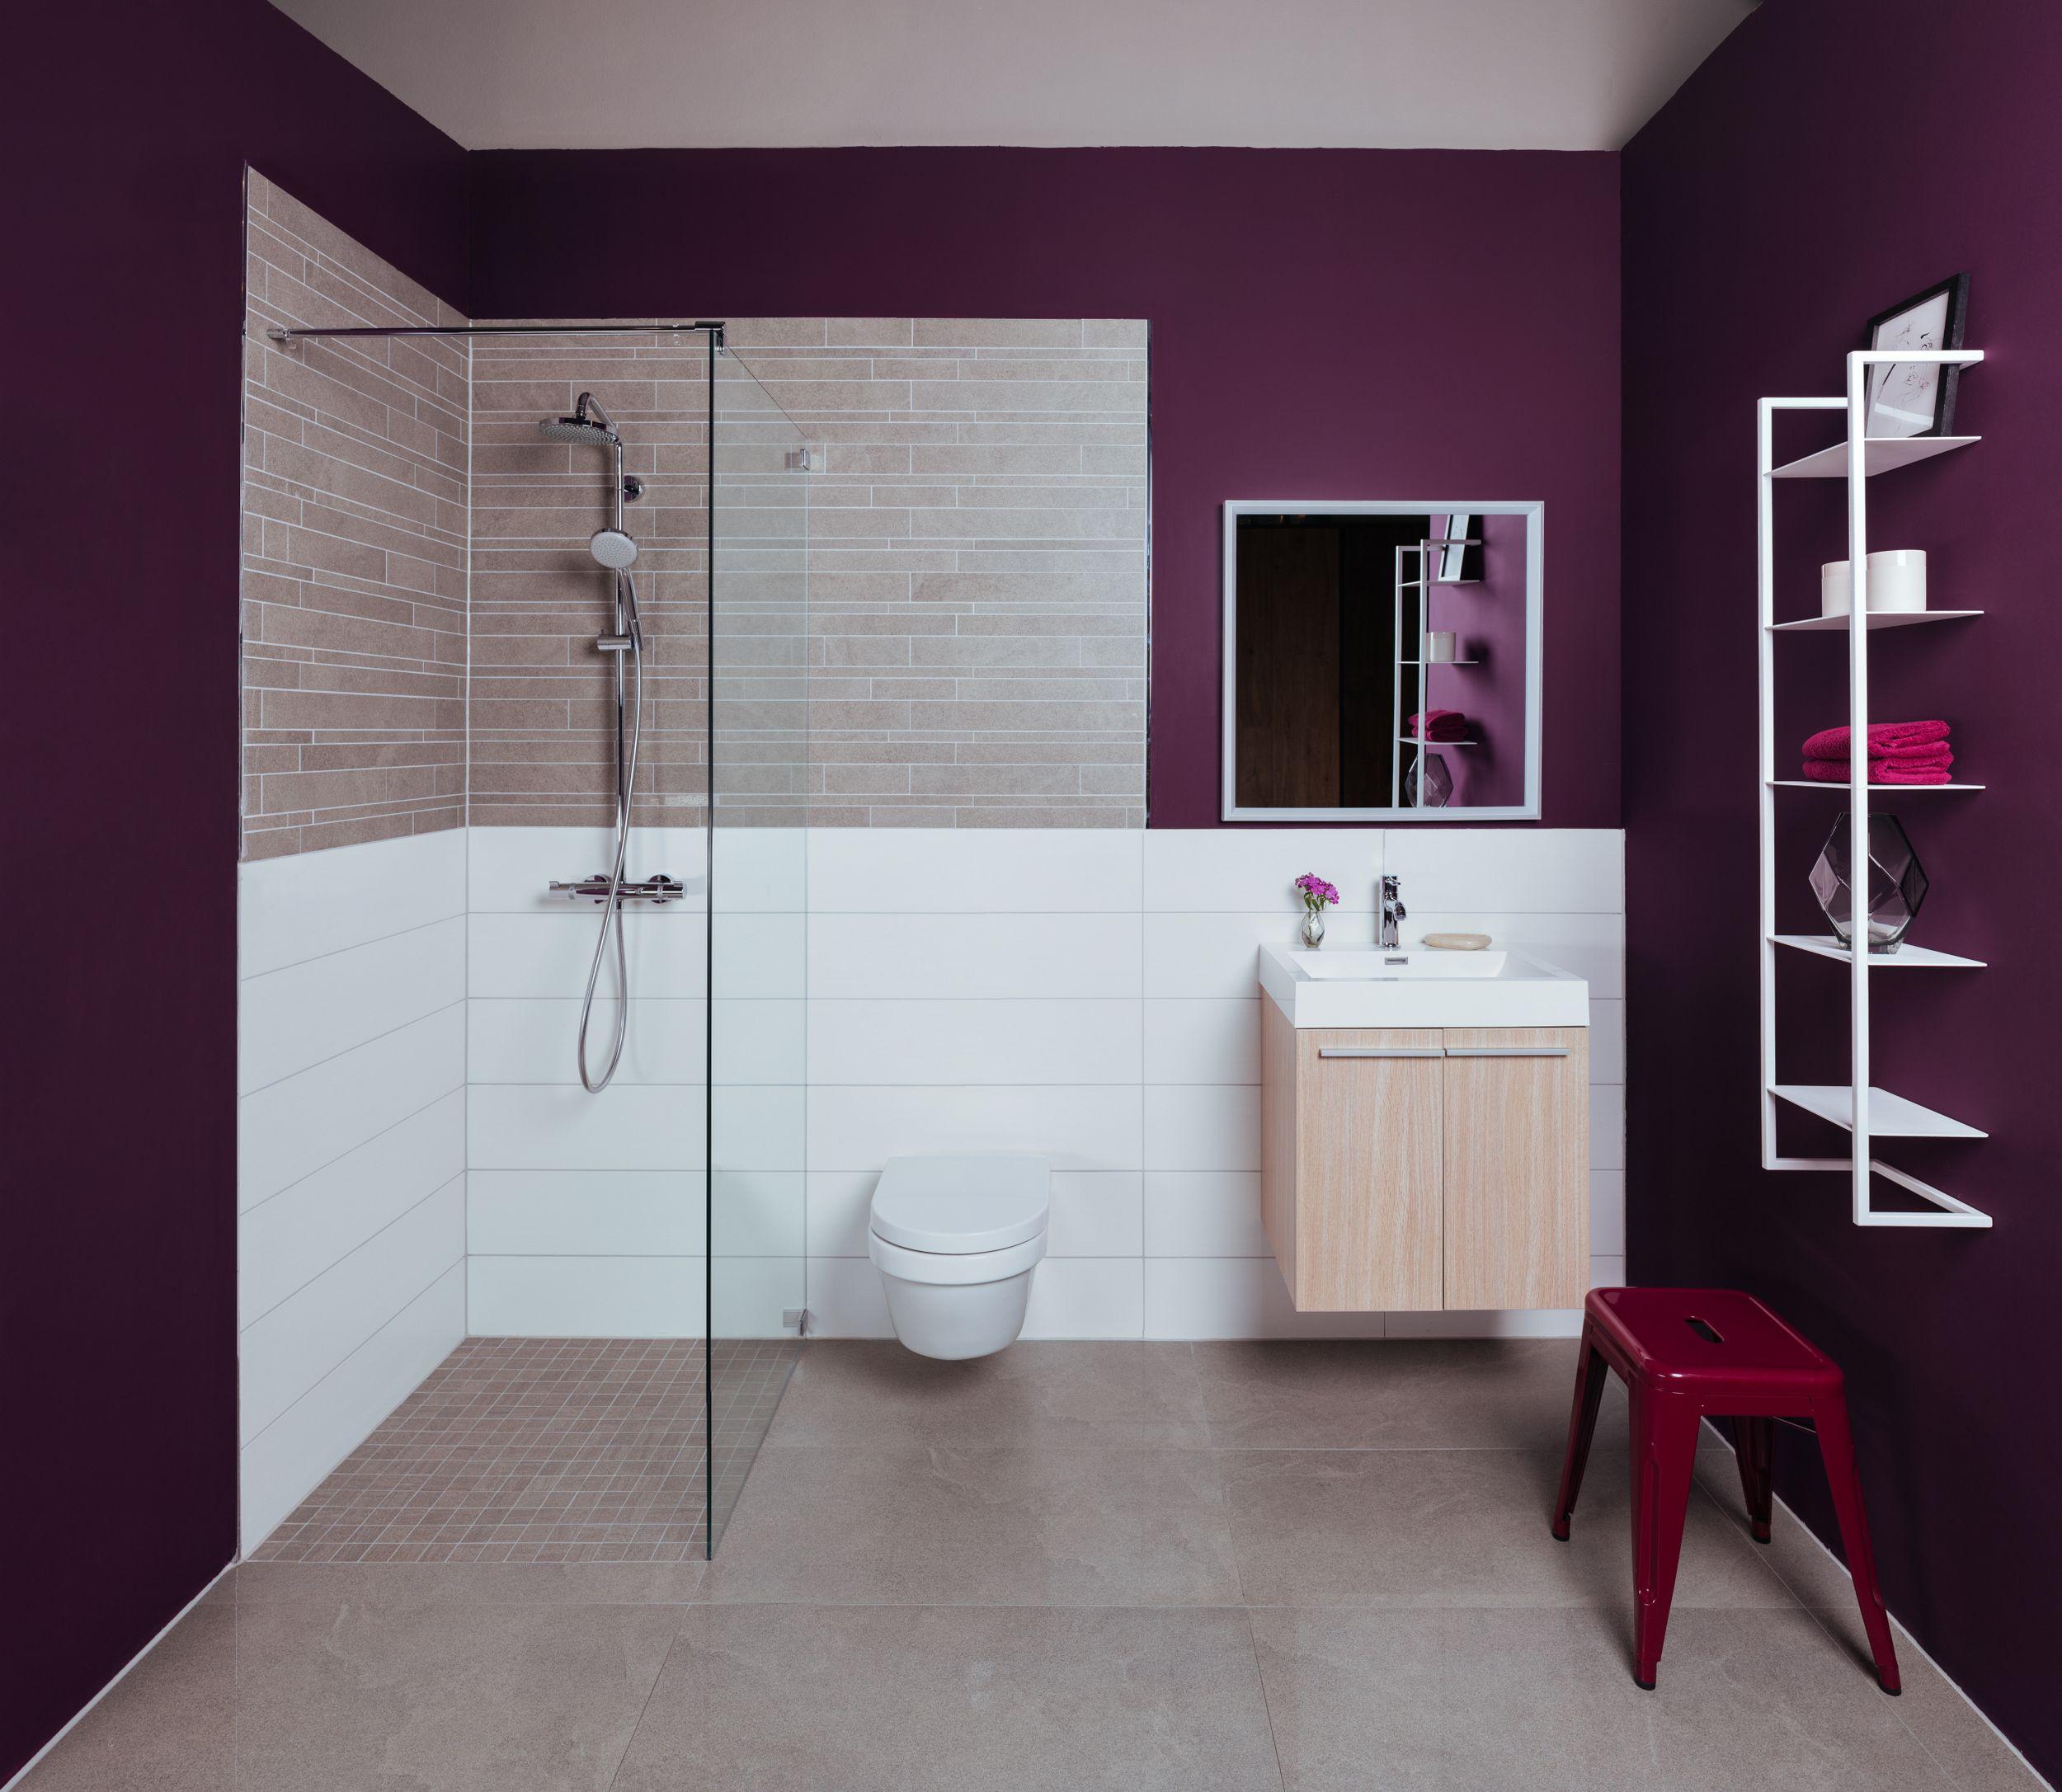 schones badezimmer, pin von atala shop auf badezimmer ideen | pinterest | schöne, Design ideen